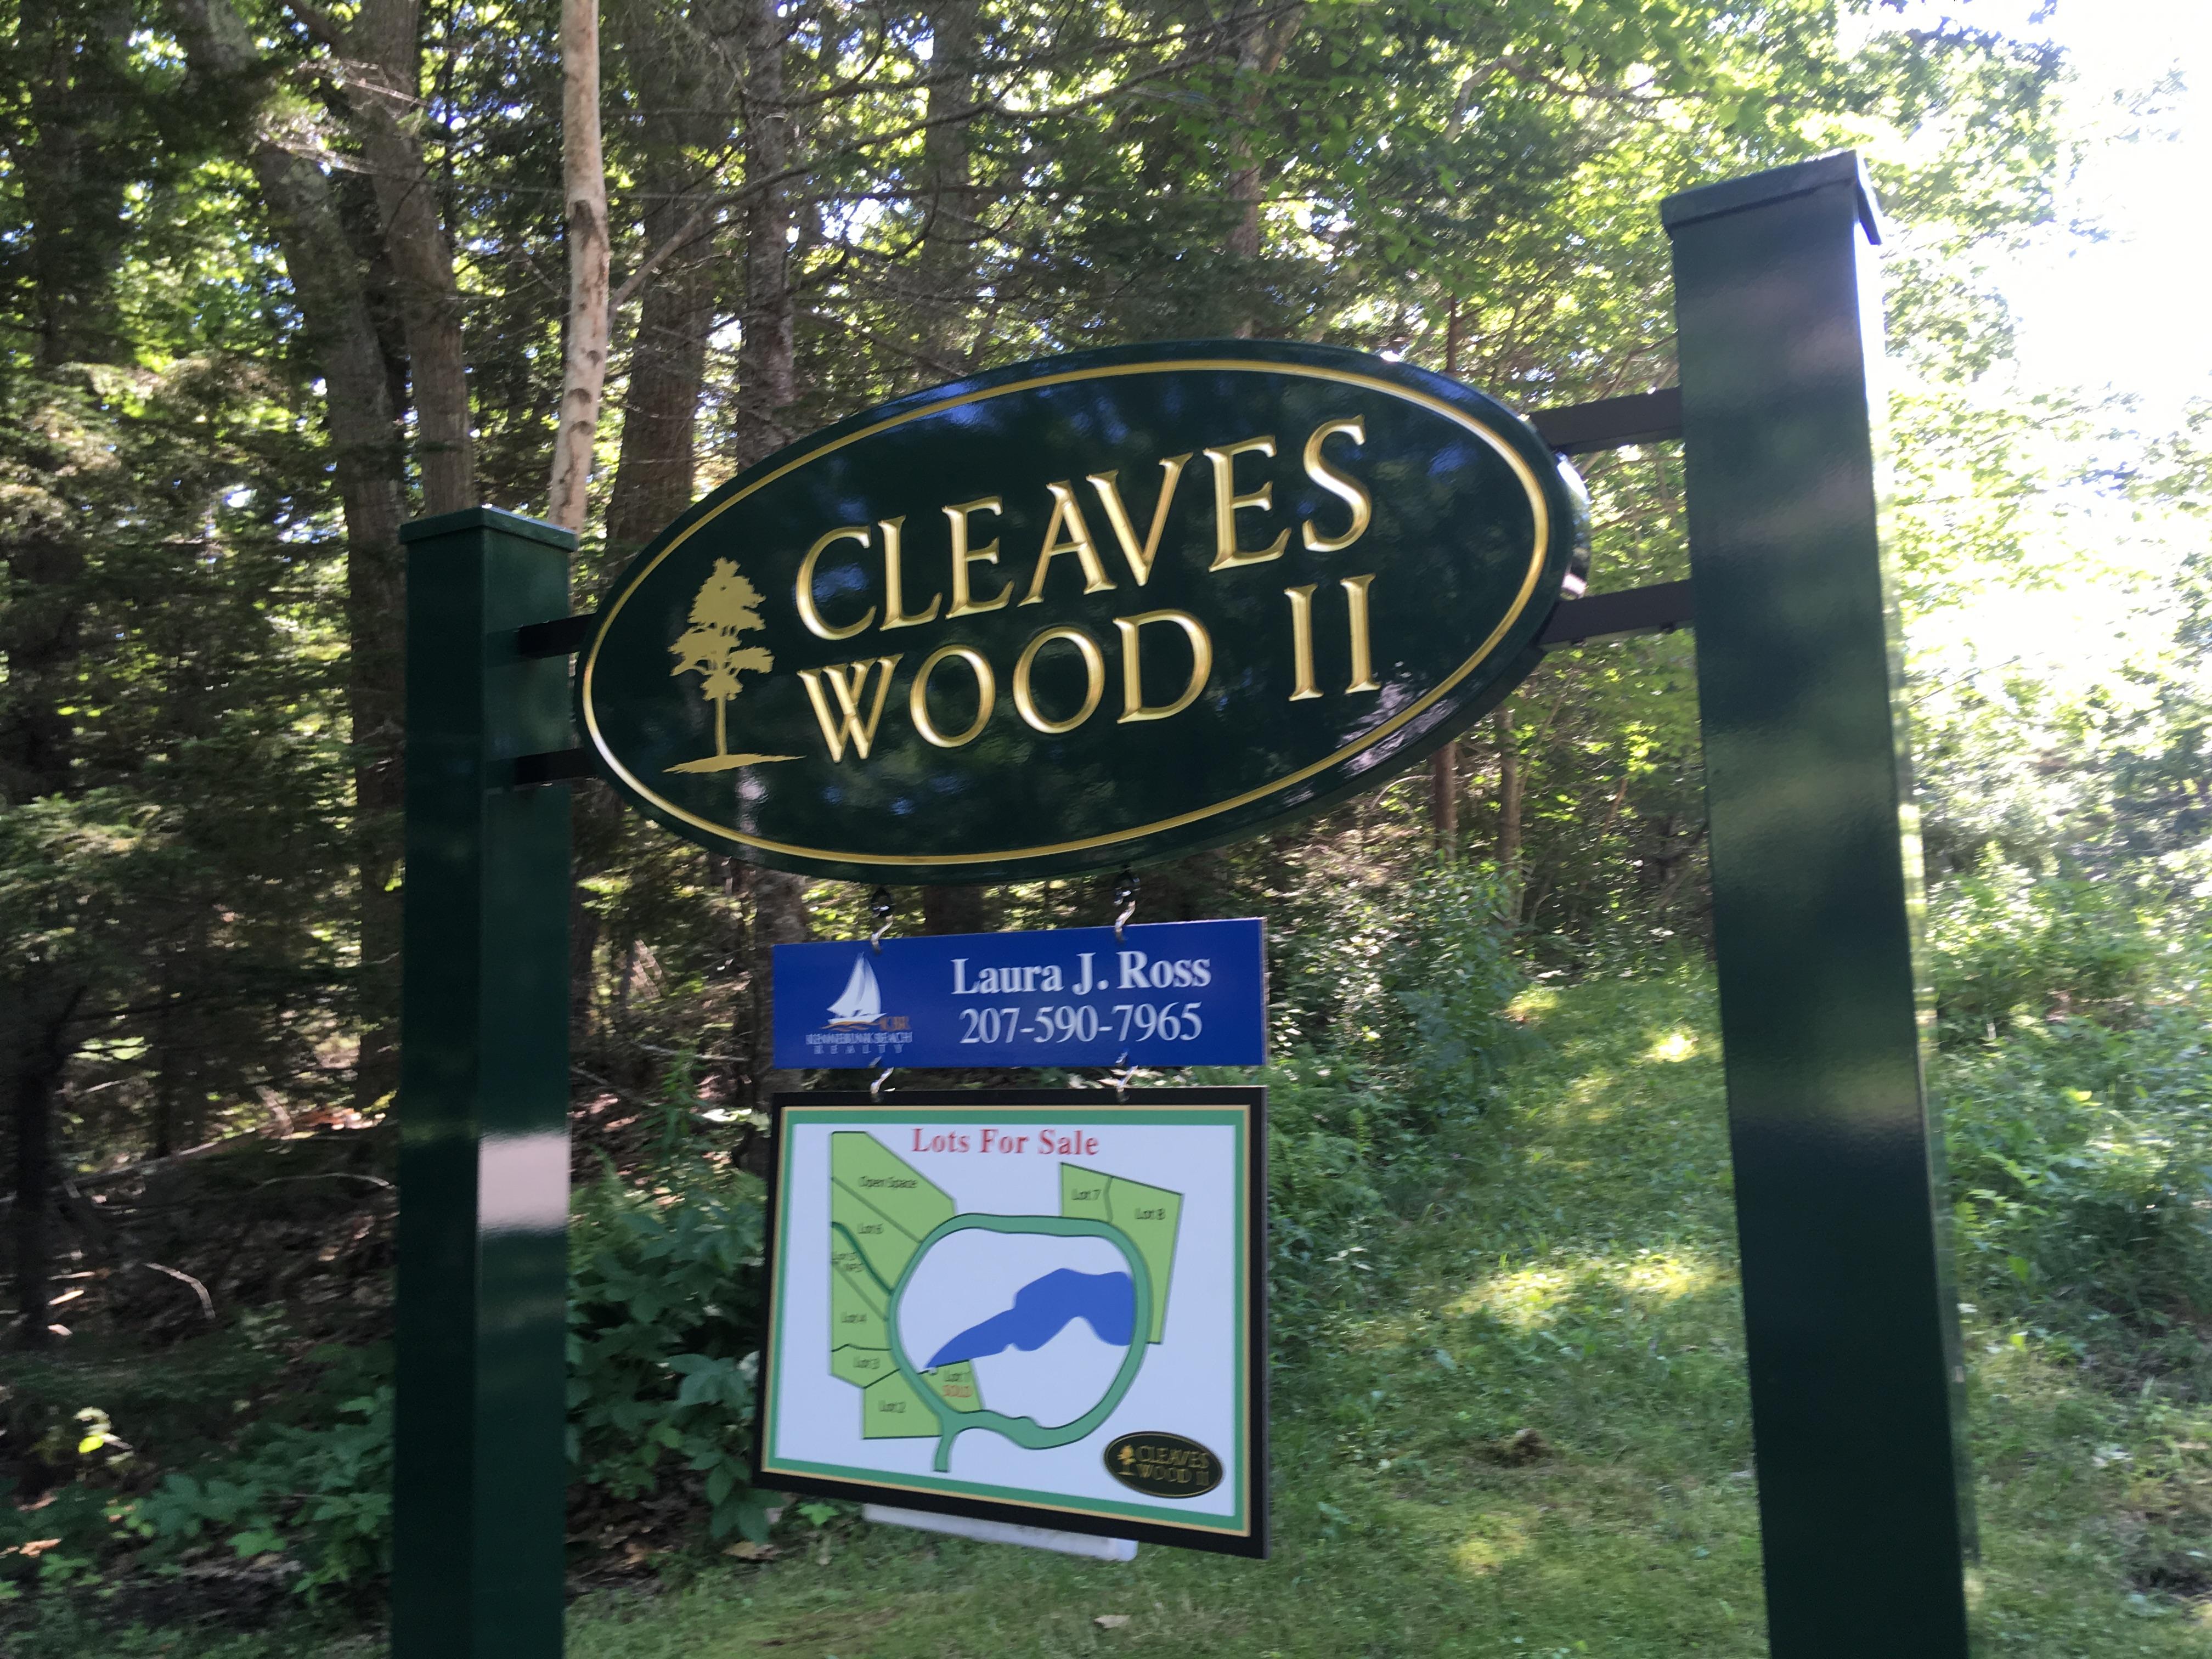 Cleaves Woods II